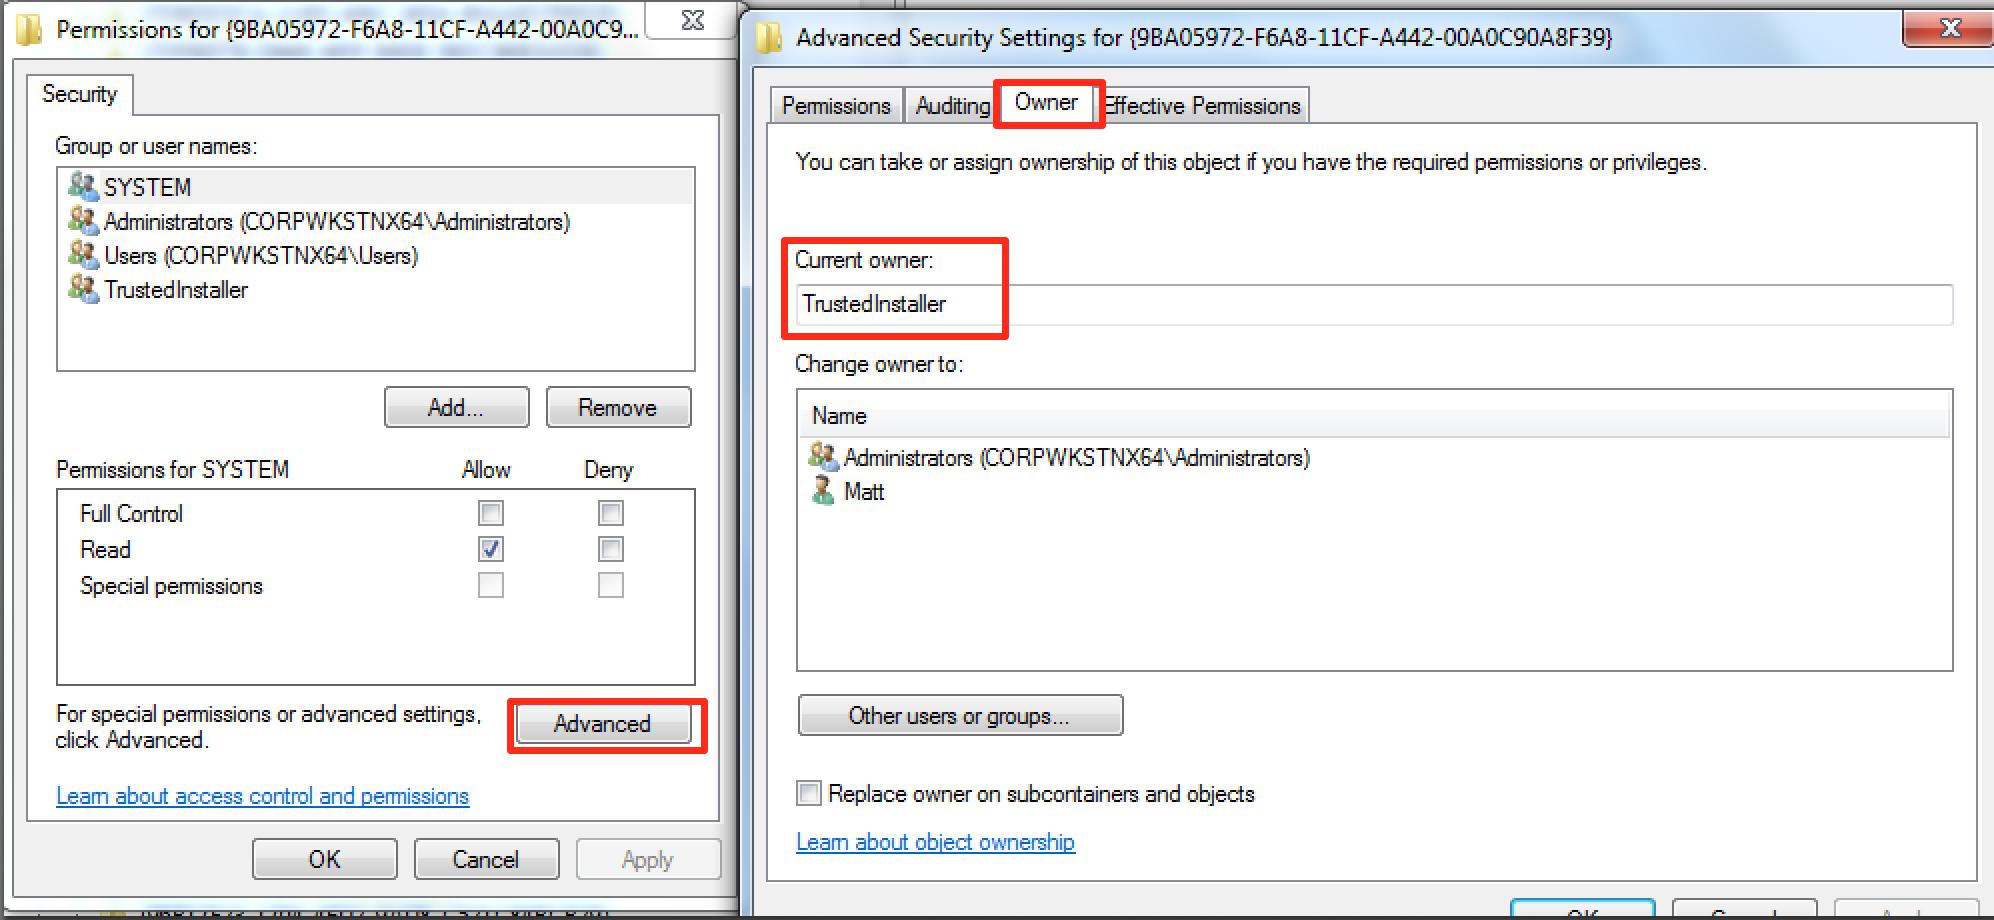 application with clsid 6b3b8d23-fa8d-40b9-8dbd-b950333e2c52